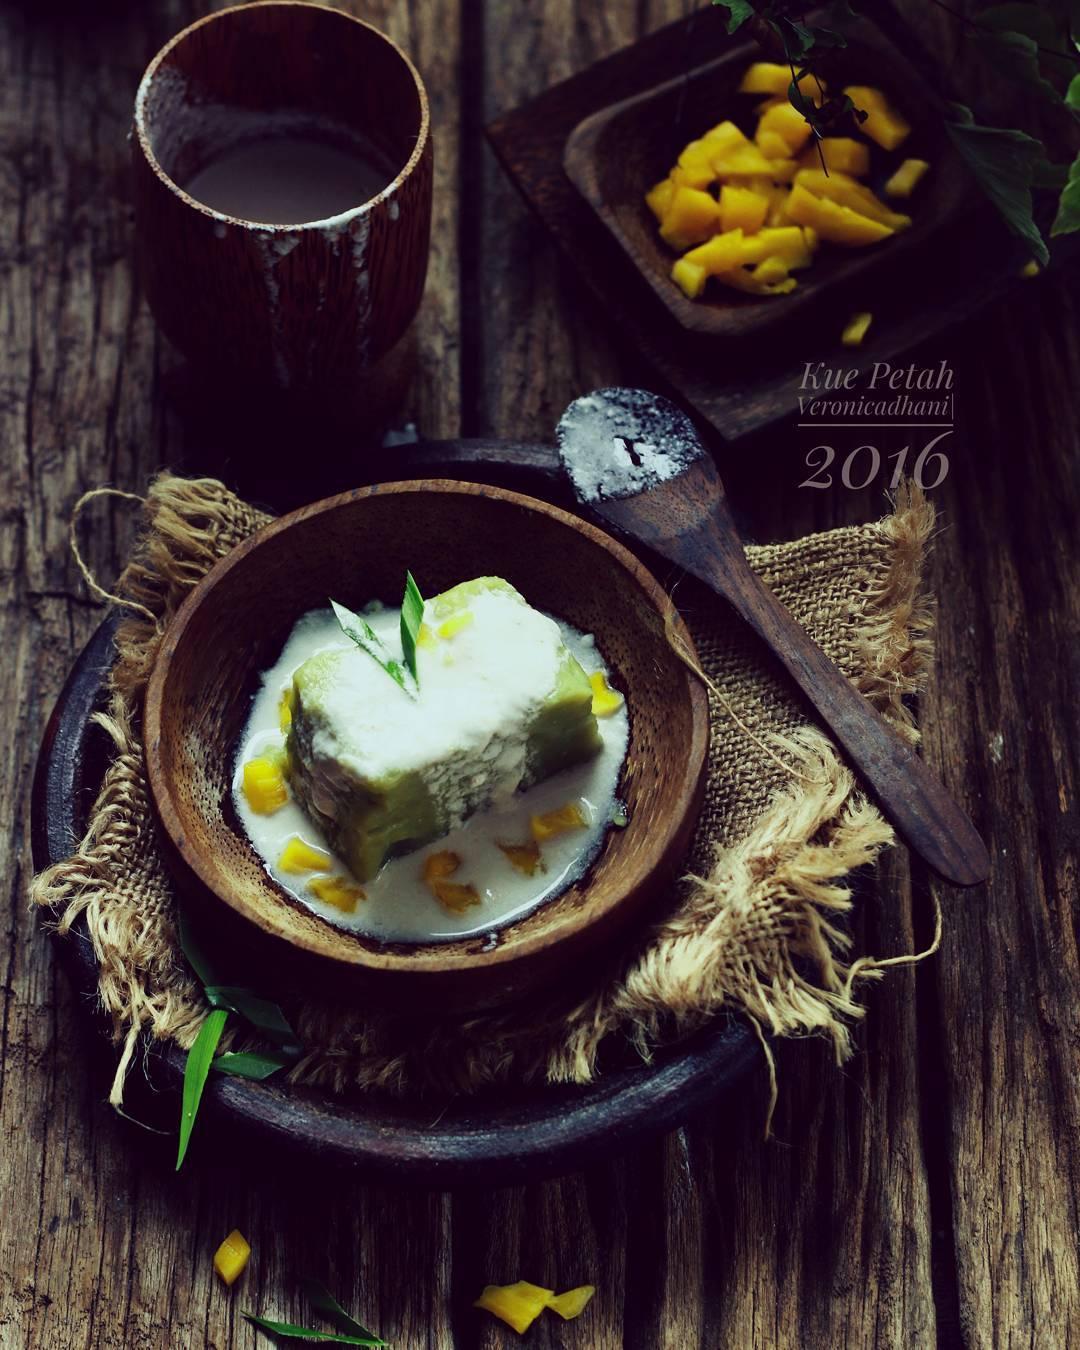 Resep Cara Membuat Kue Petah Langsungmasak Suji Kembang Kol 75 Ml Air Daun Dari 30 Lembar Dan 2 Pandan